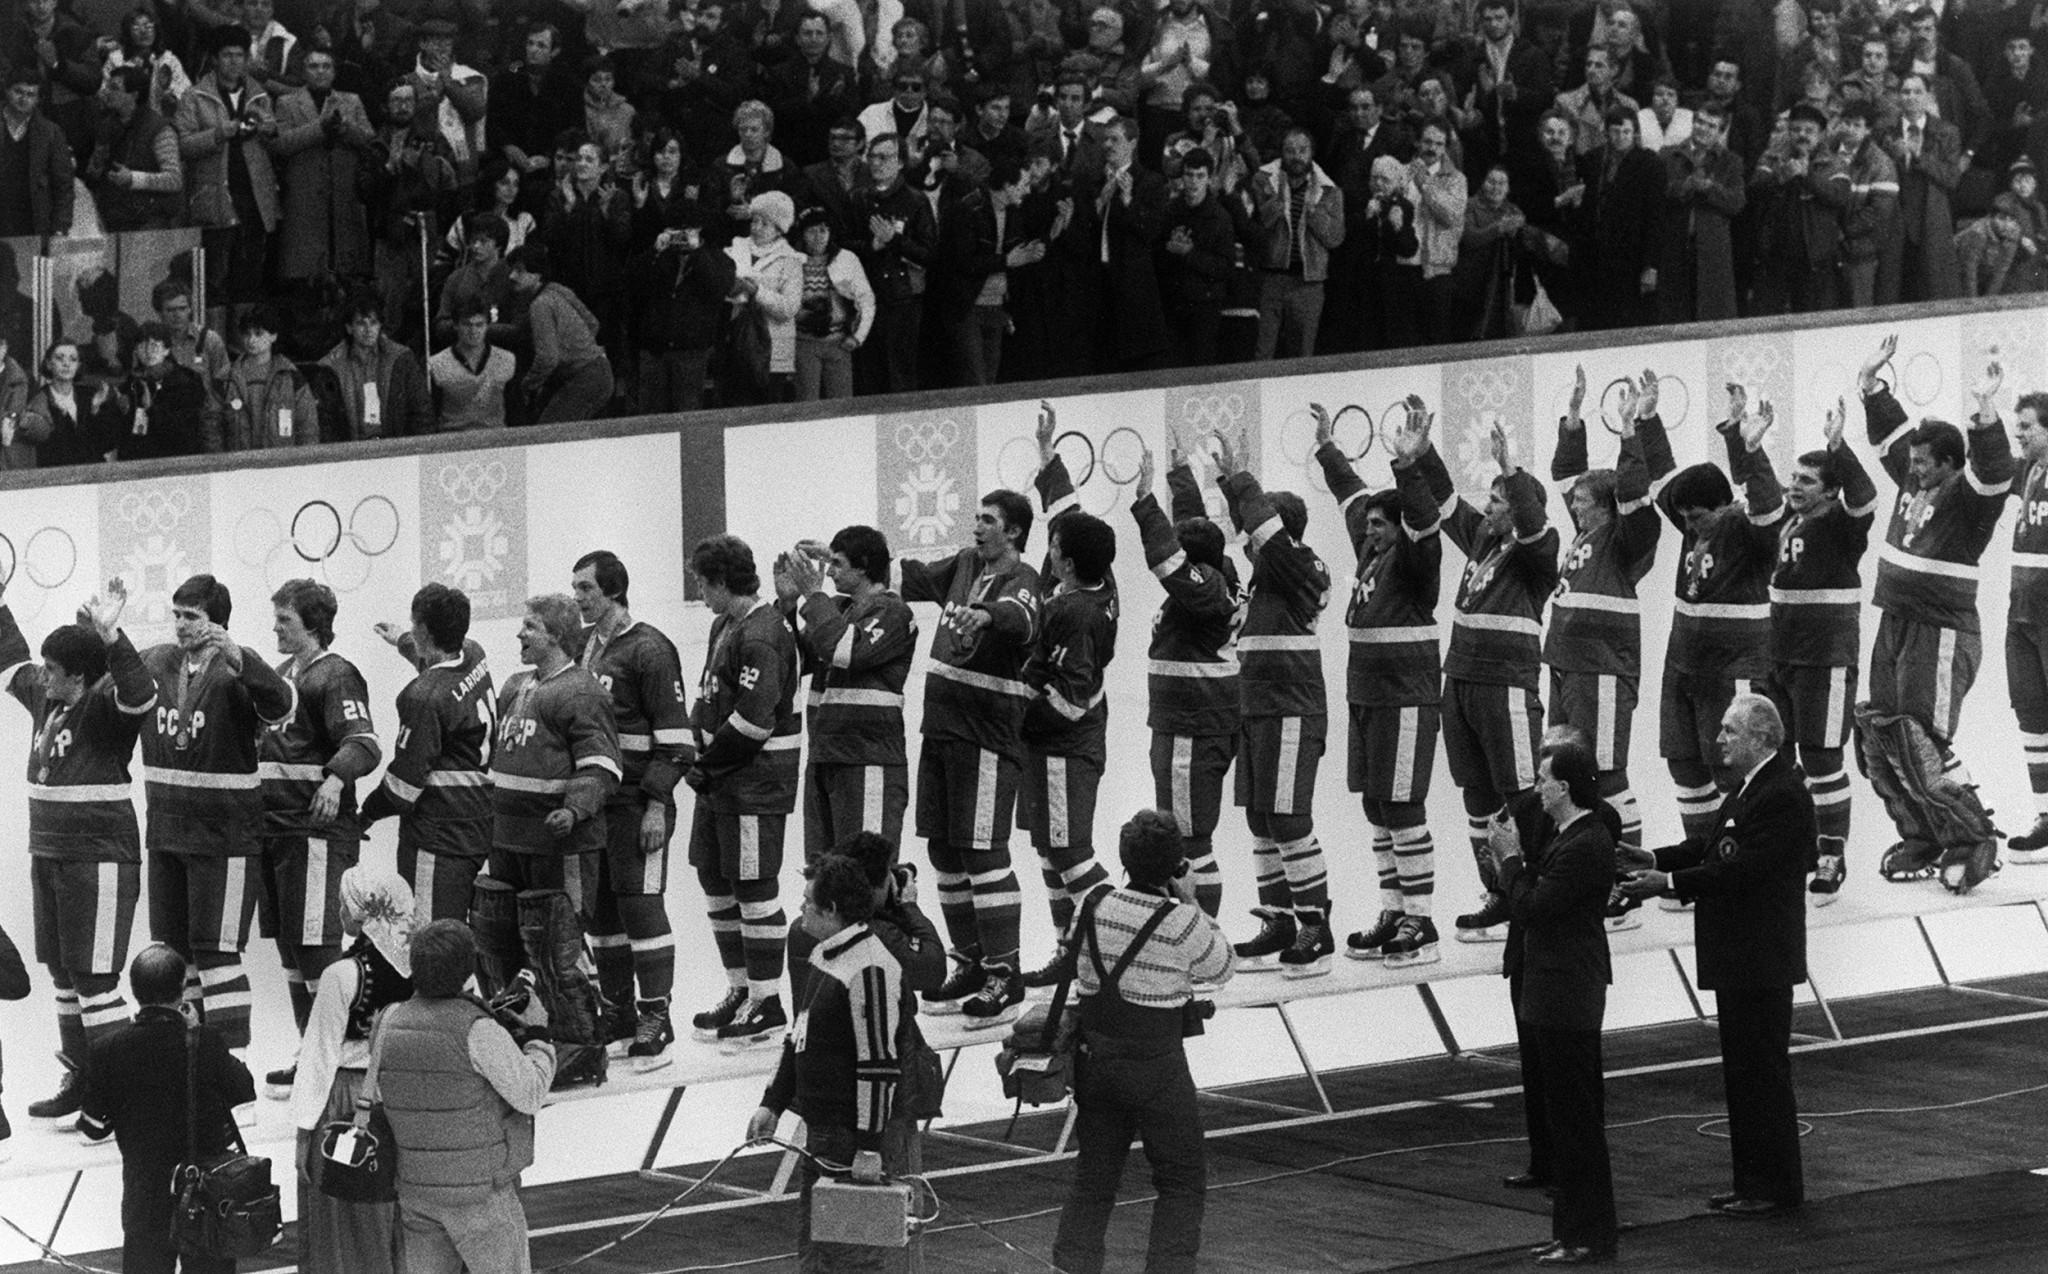 Olympic ice hockey champion Gerasimov passes away